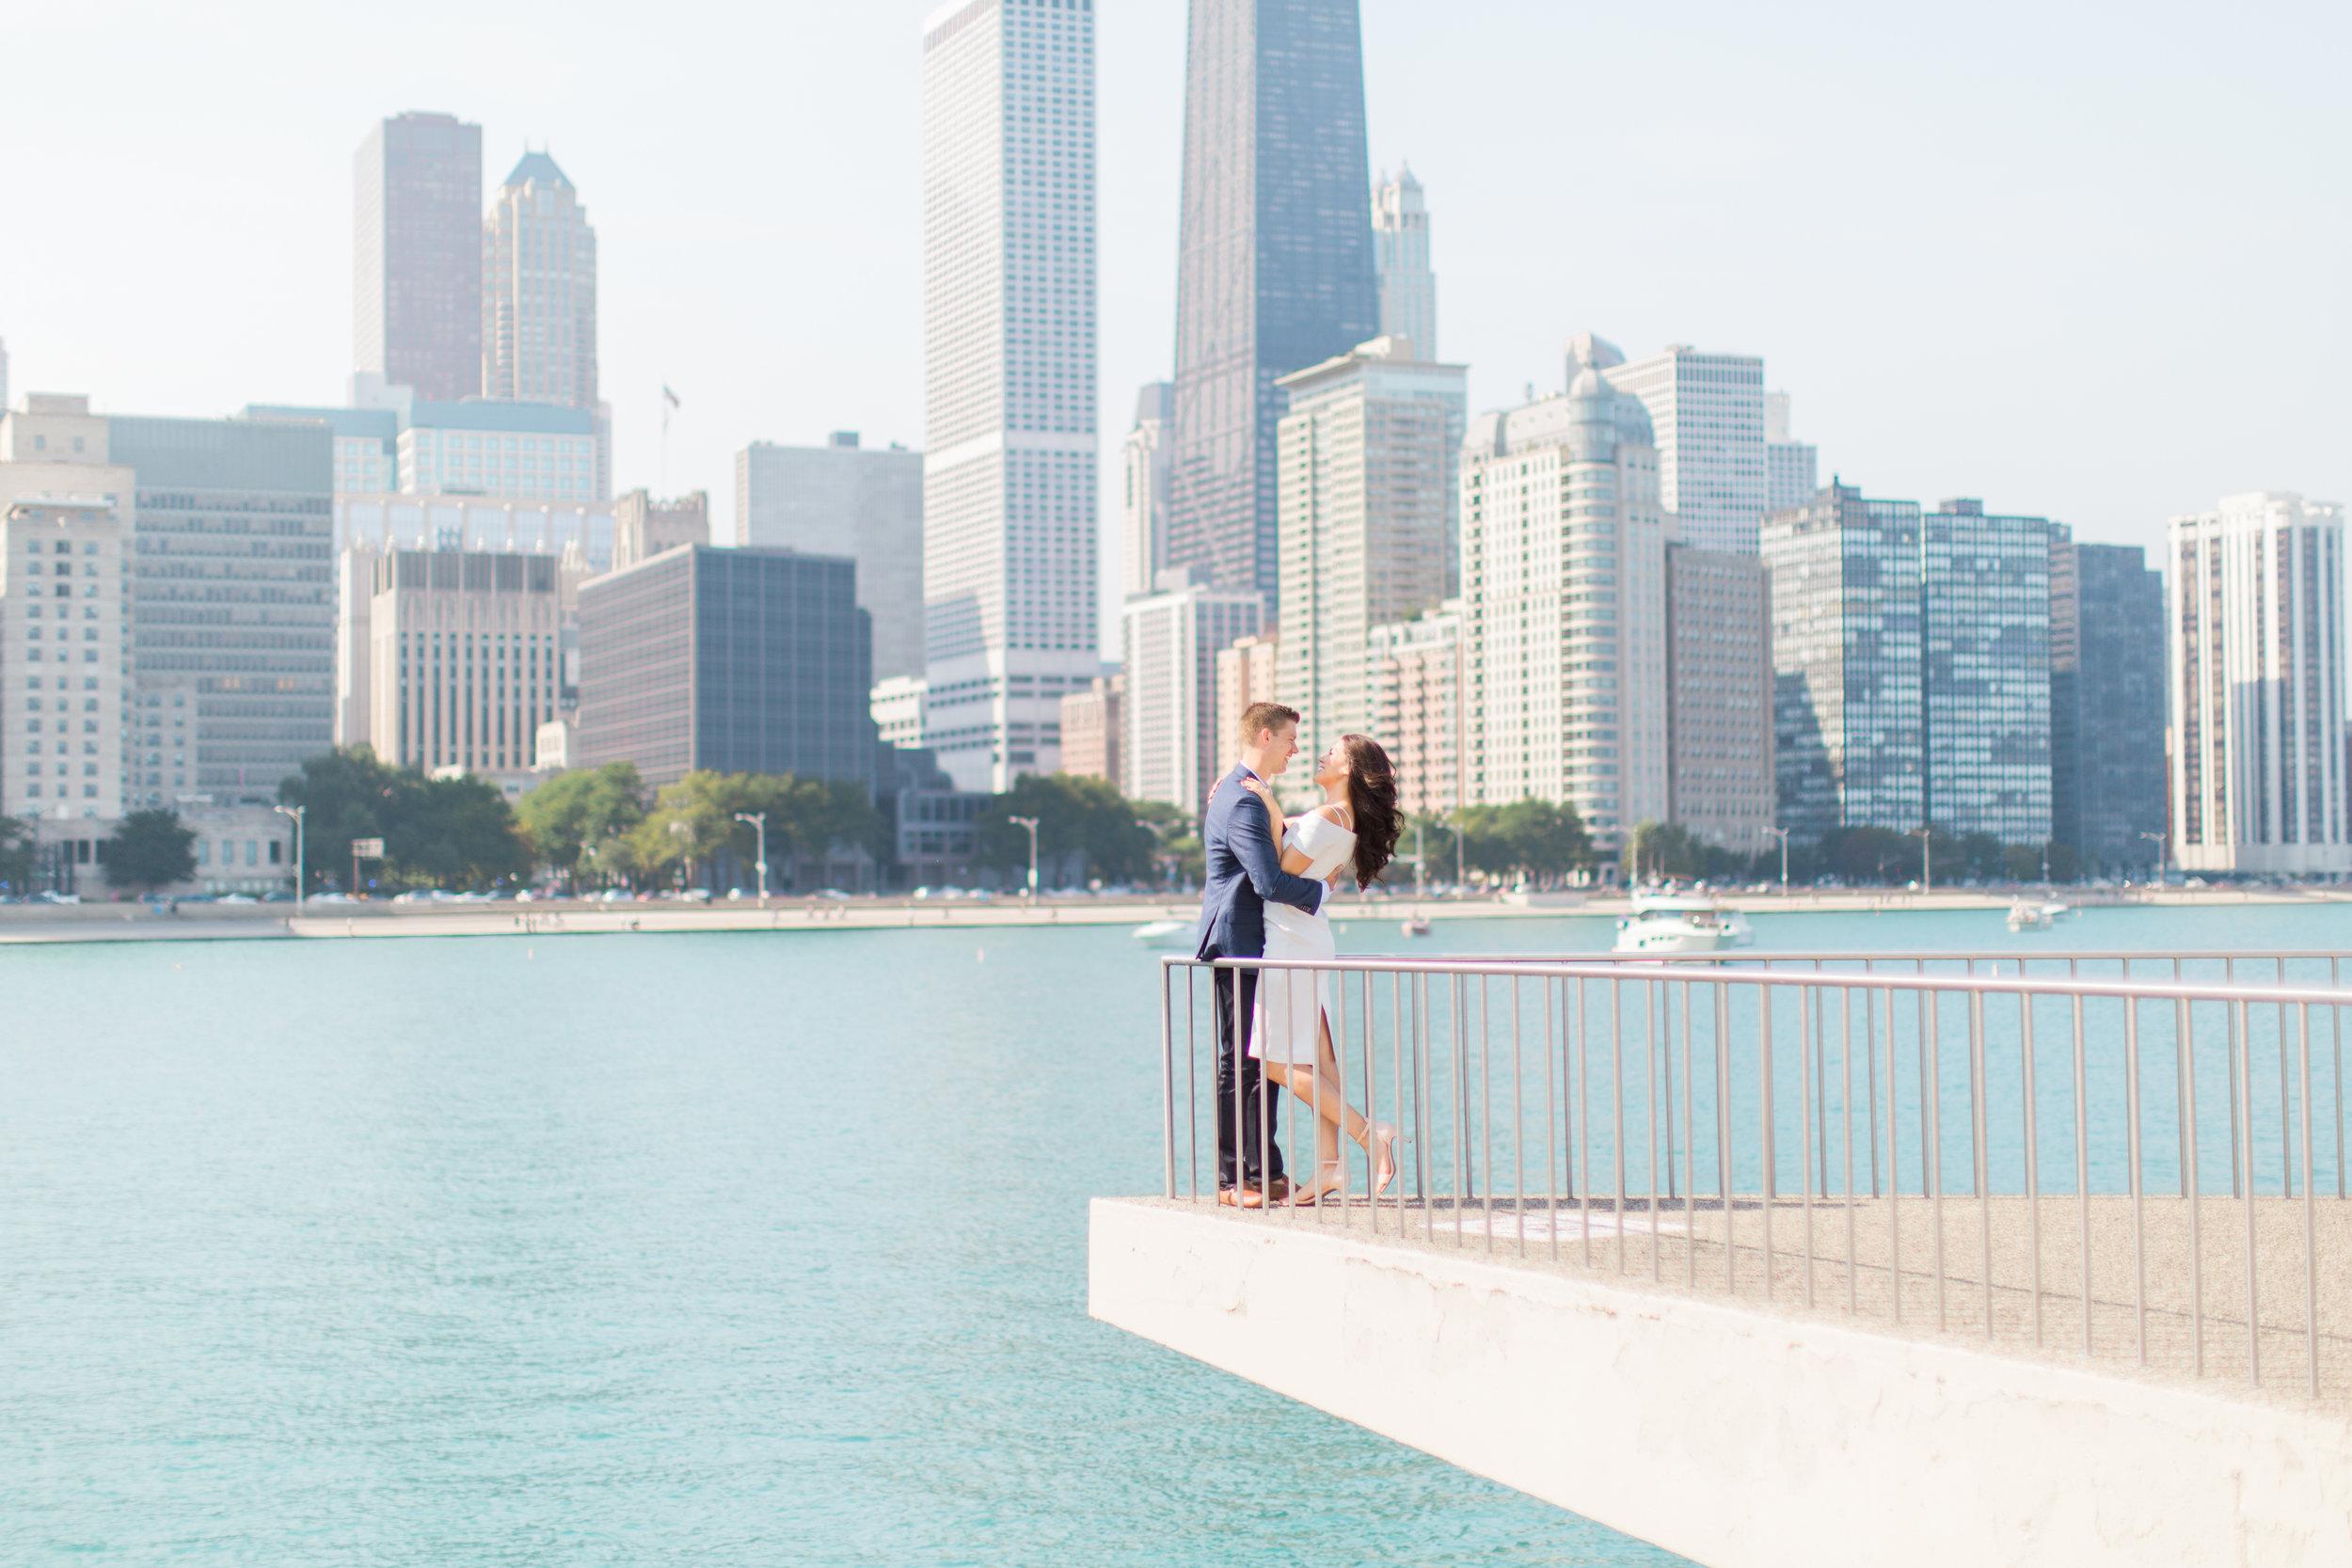 Bonphotage Chicago Skyline Engagement Photography